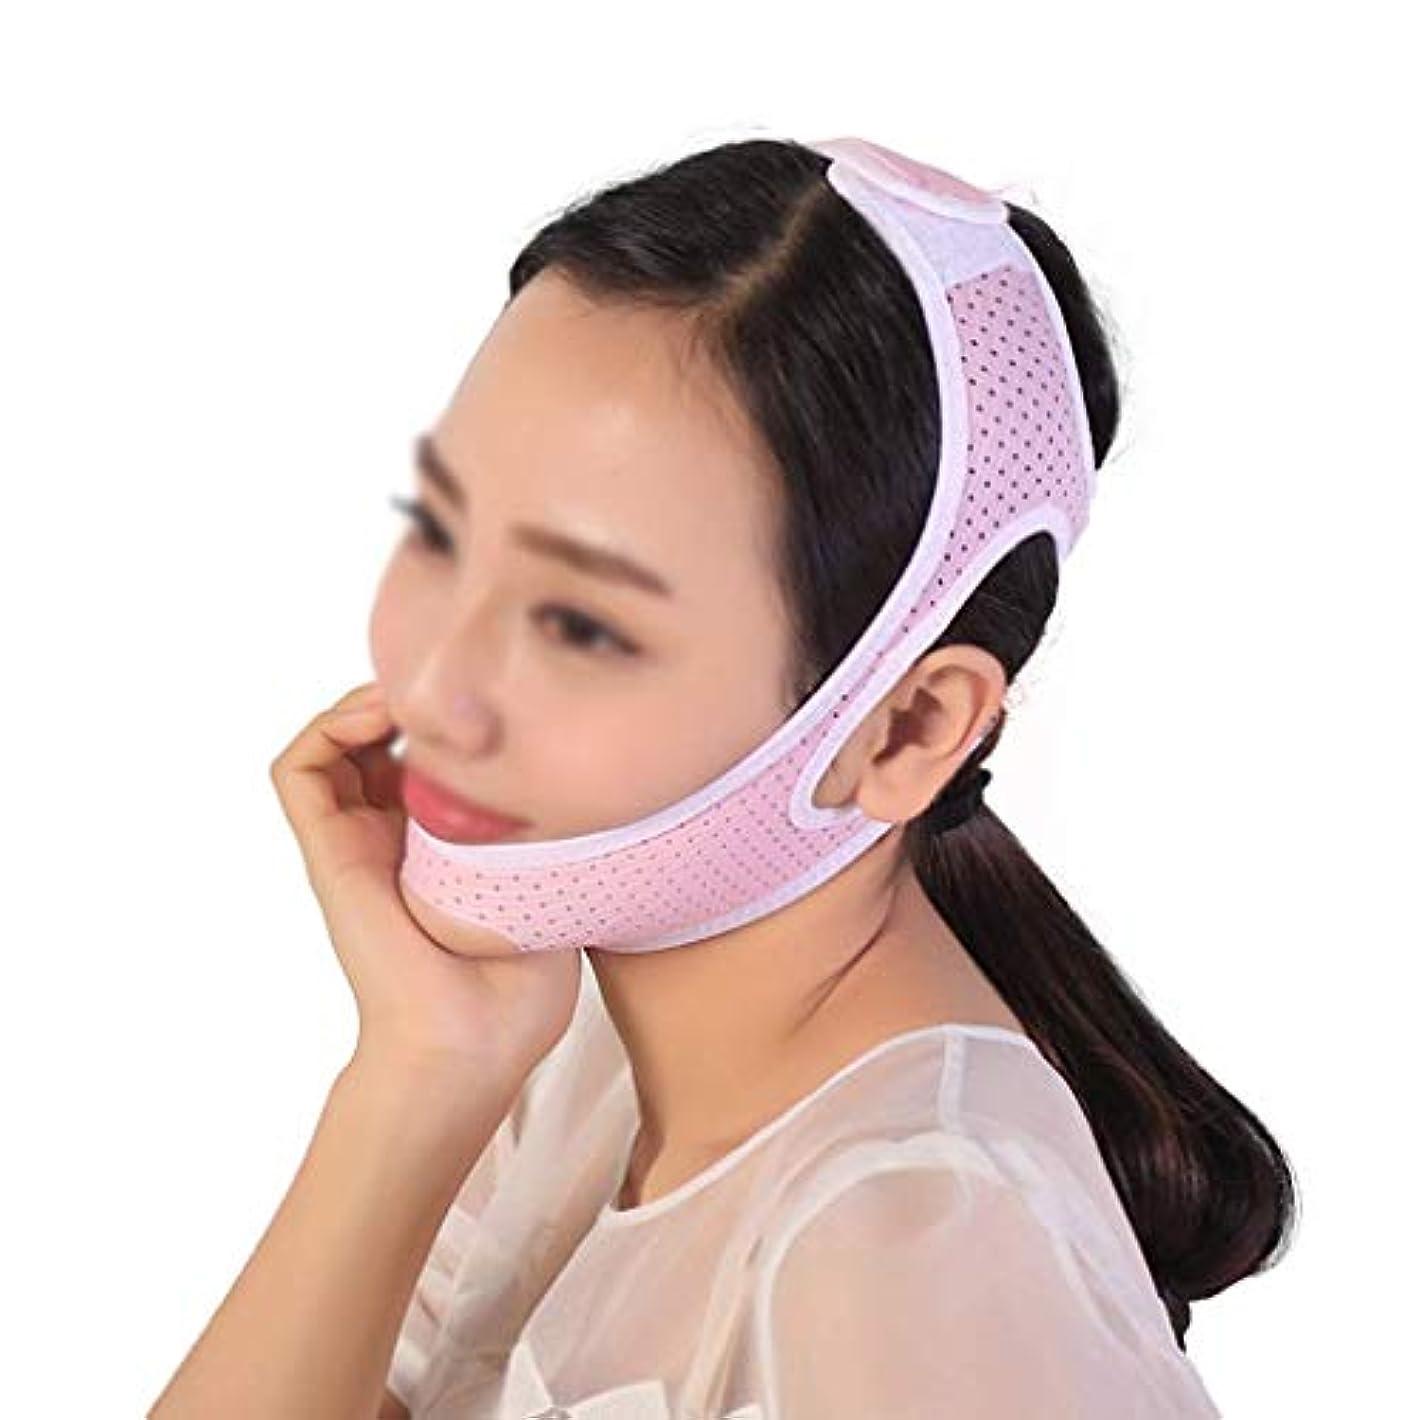 息子払い戻し散文フェイスリフトマスク、顔の皮膚の首のあごのラインを改善、リフトフェイス、細い頬マスク、細いチンチーク細いV(ピンク)(サイズ:M),M